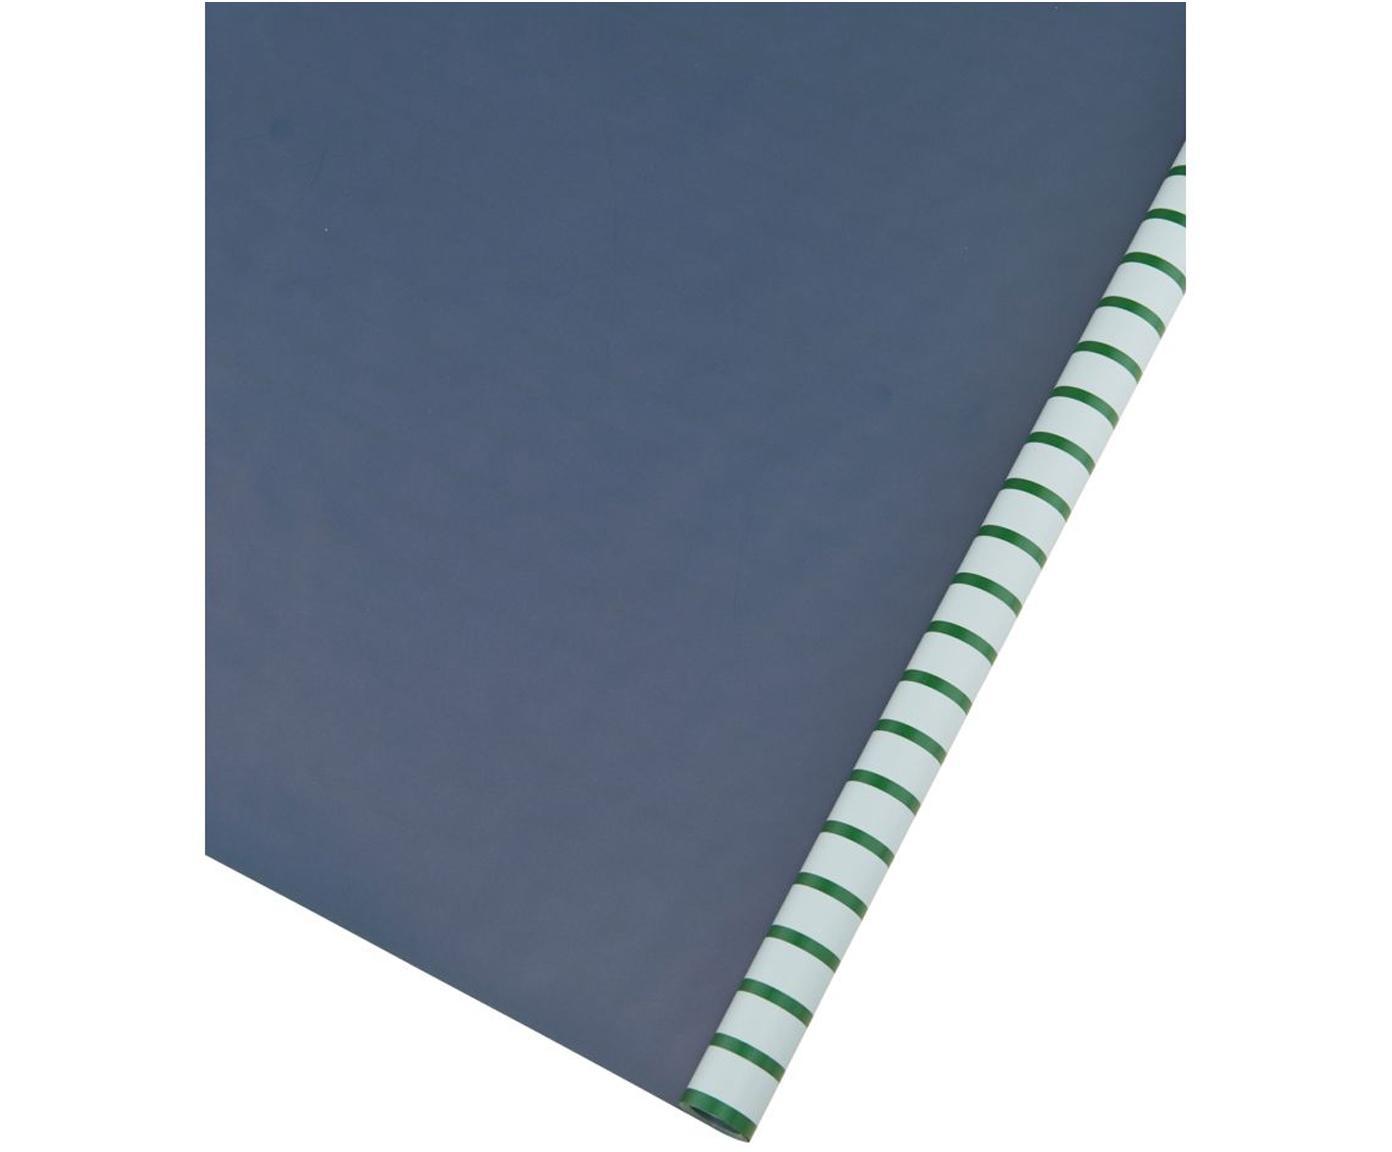 Rotolo di carta da imballaggio Stripey, Carta, Verde, azzurro, blu scuro, Larg. 50 x Lung. 70 cm